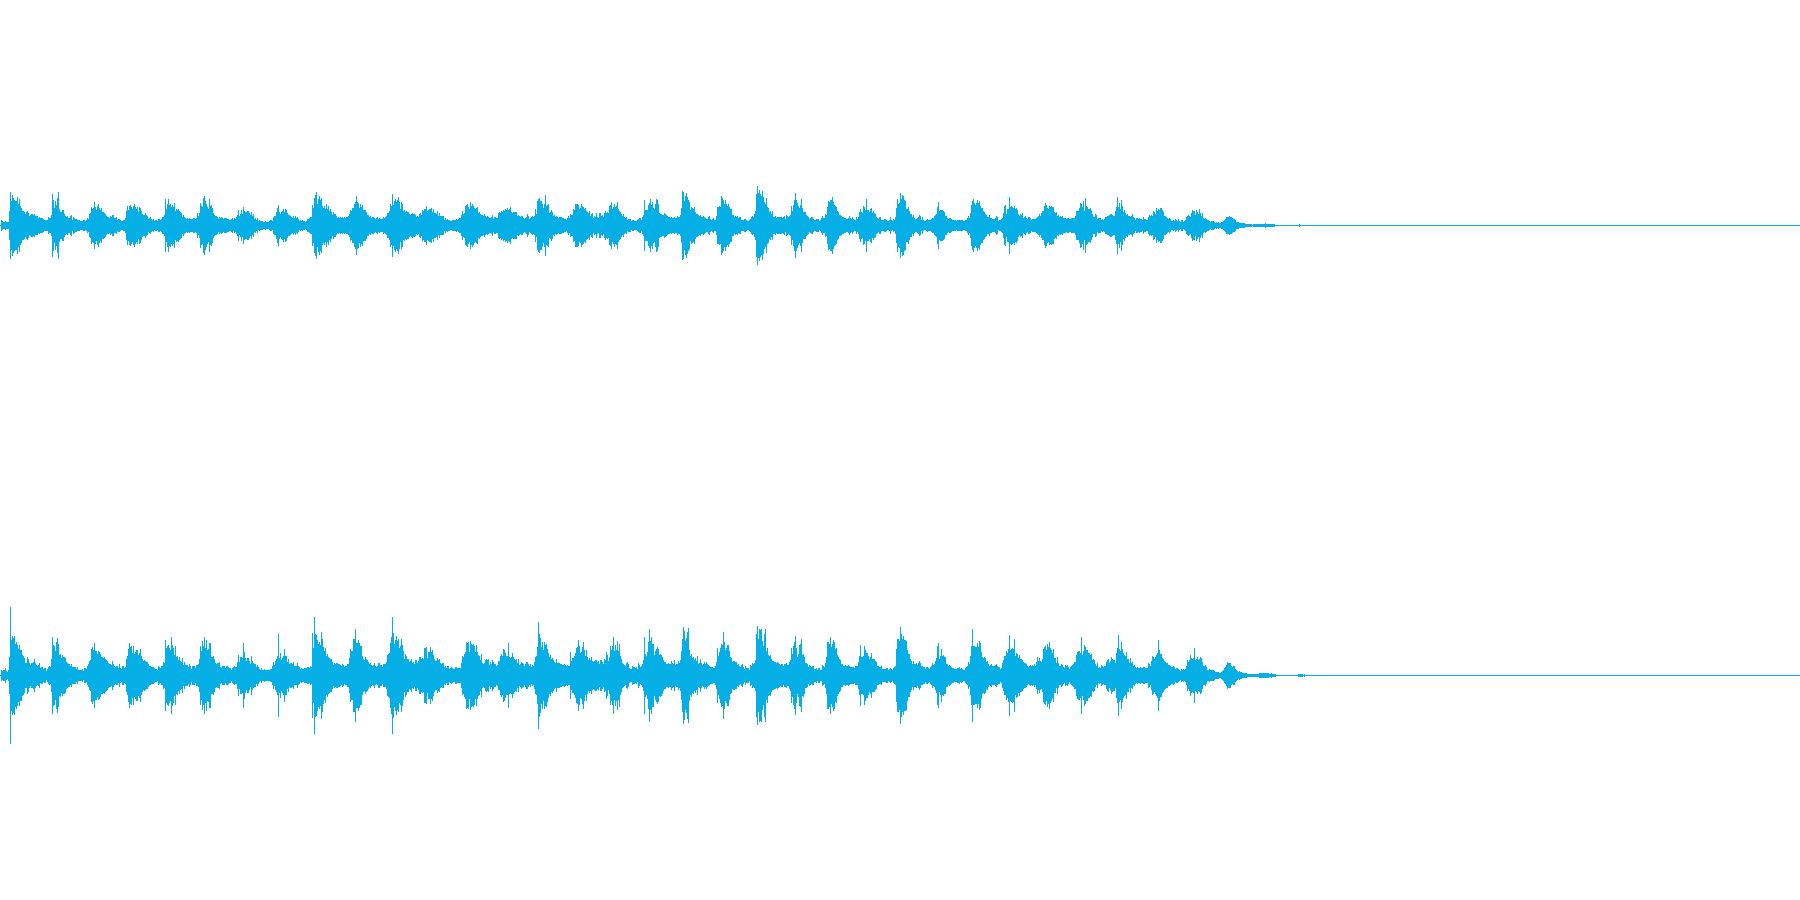 『チャッパ』和製シンバルのフレーズ3FXの再生済みの波形